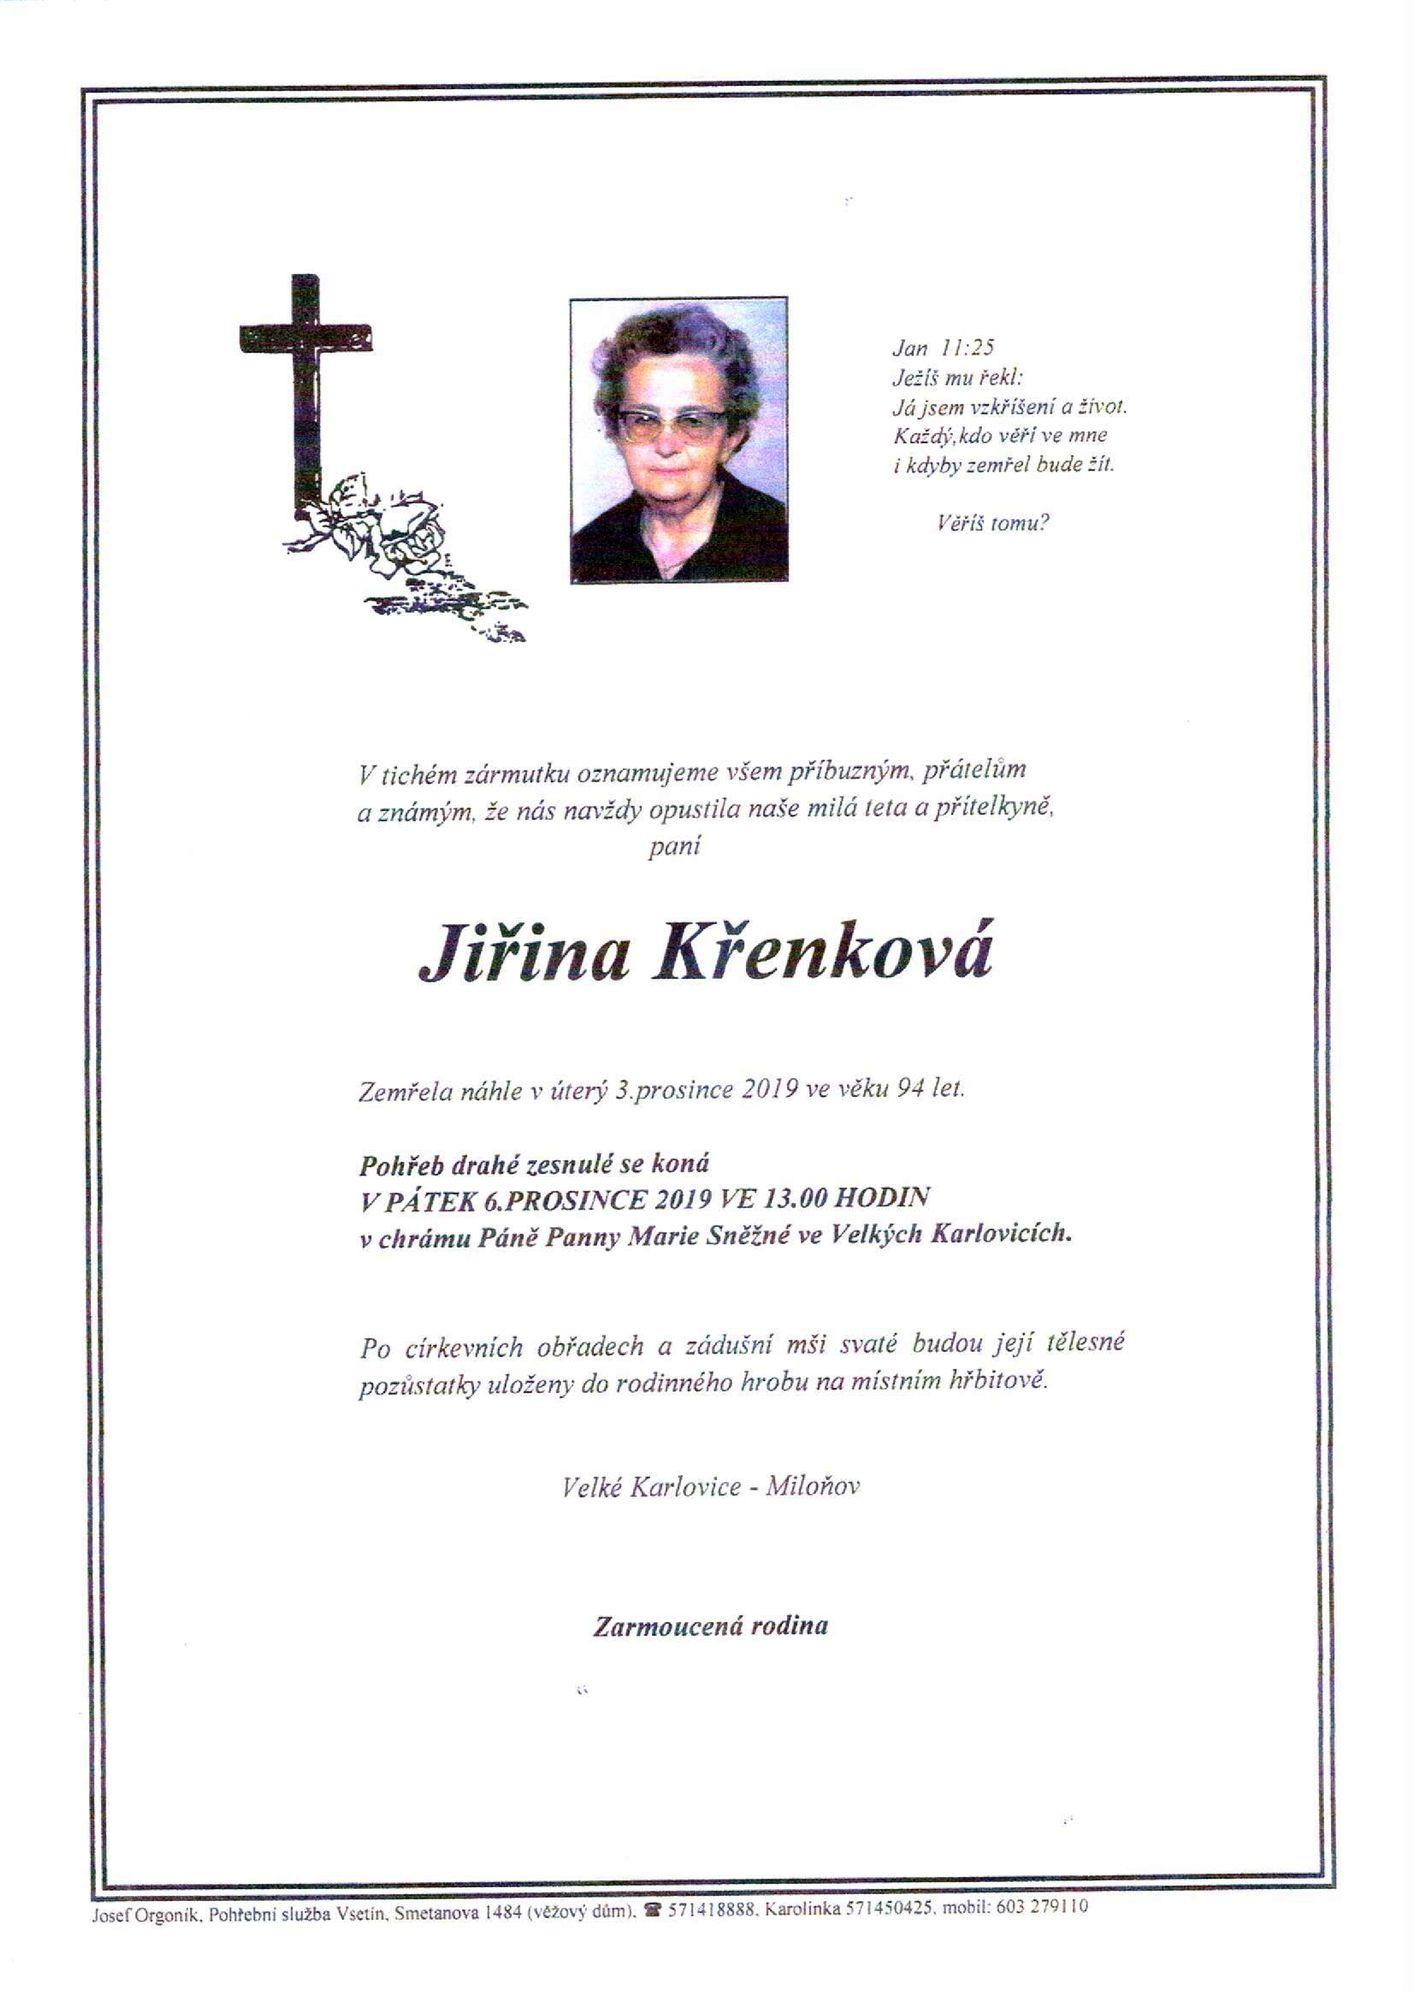 Jiřina Křenková